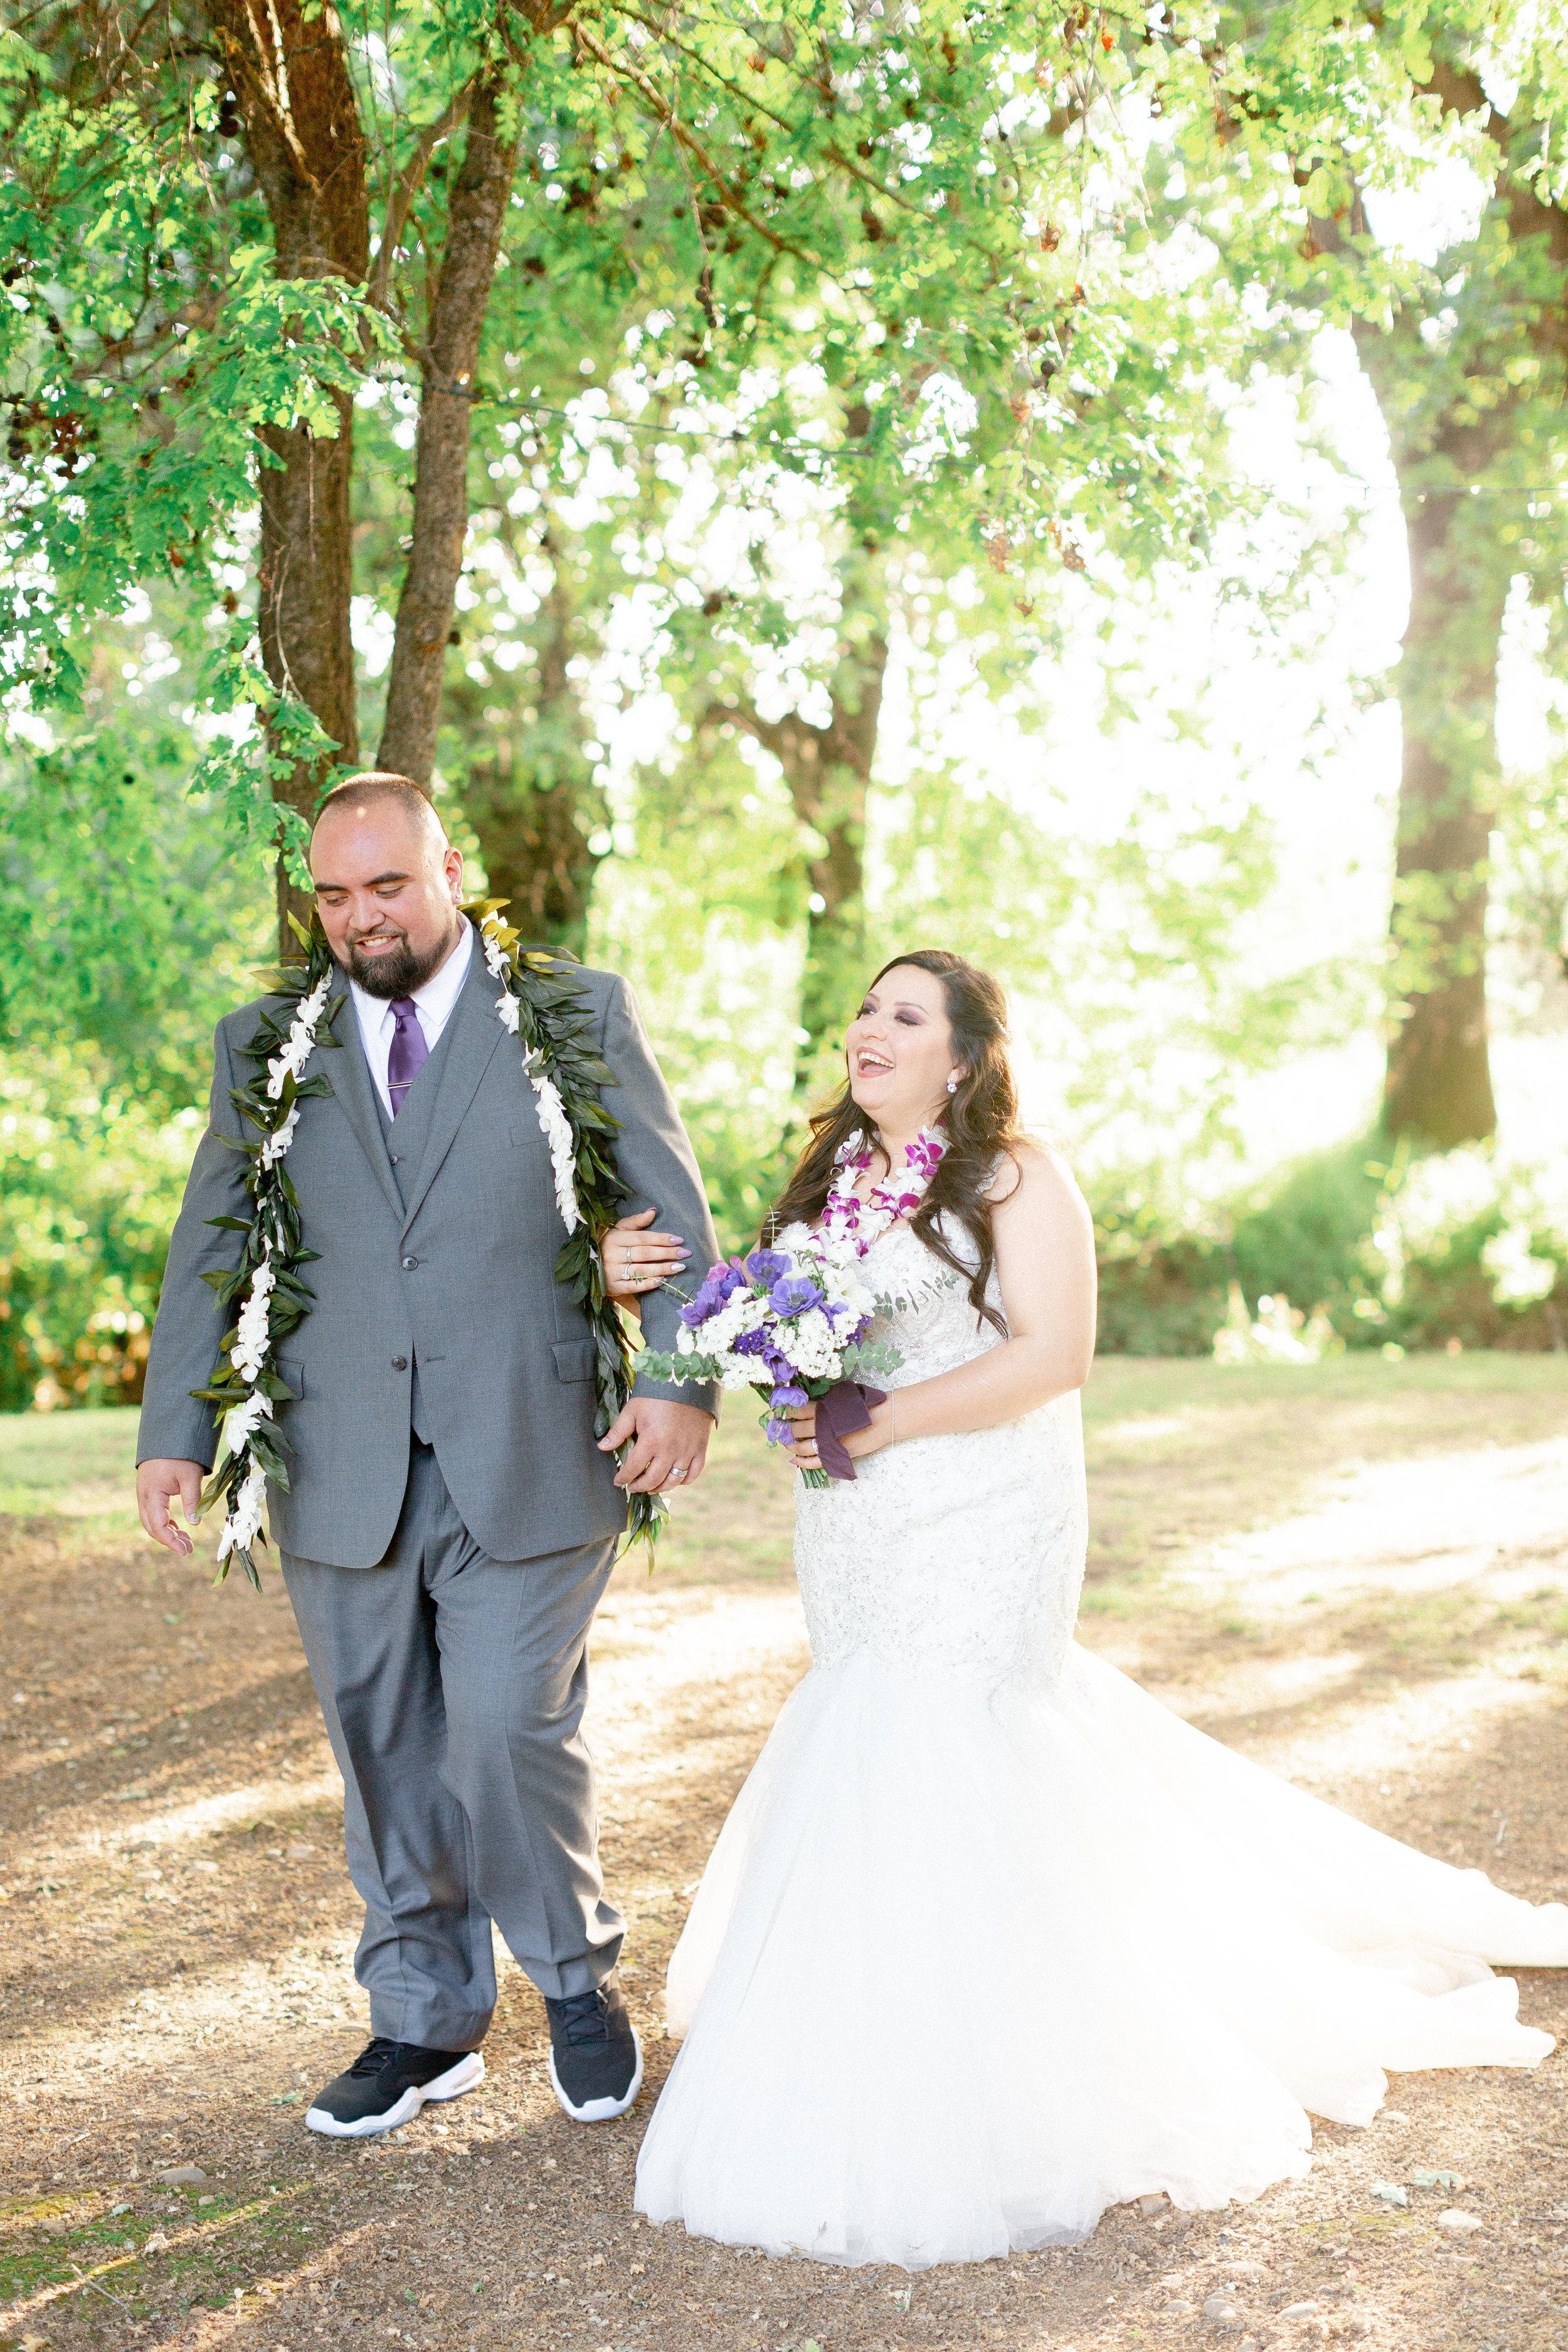 Balla-Rosa-Farm-wedding-photos (43 of 88).jpg